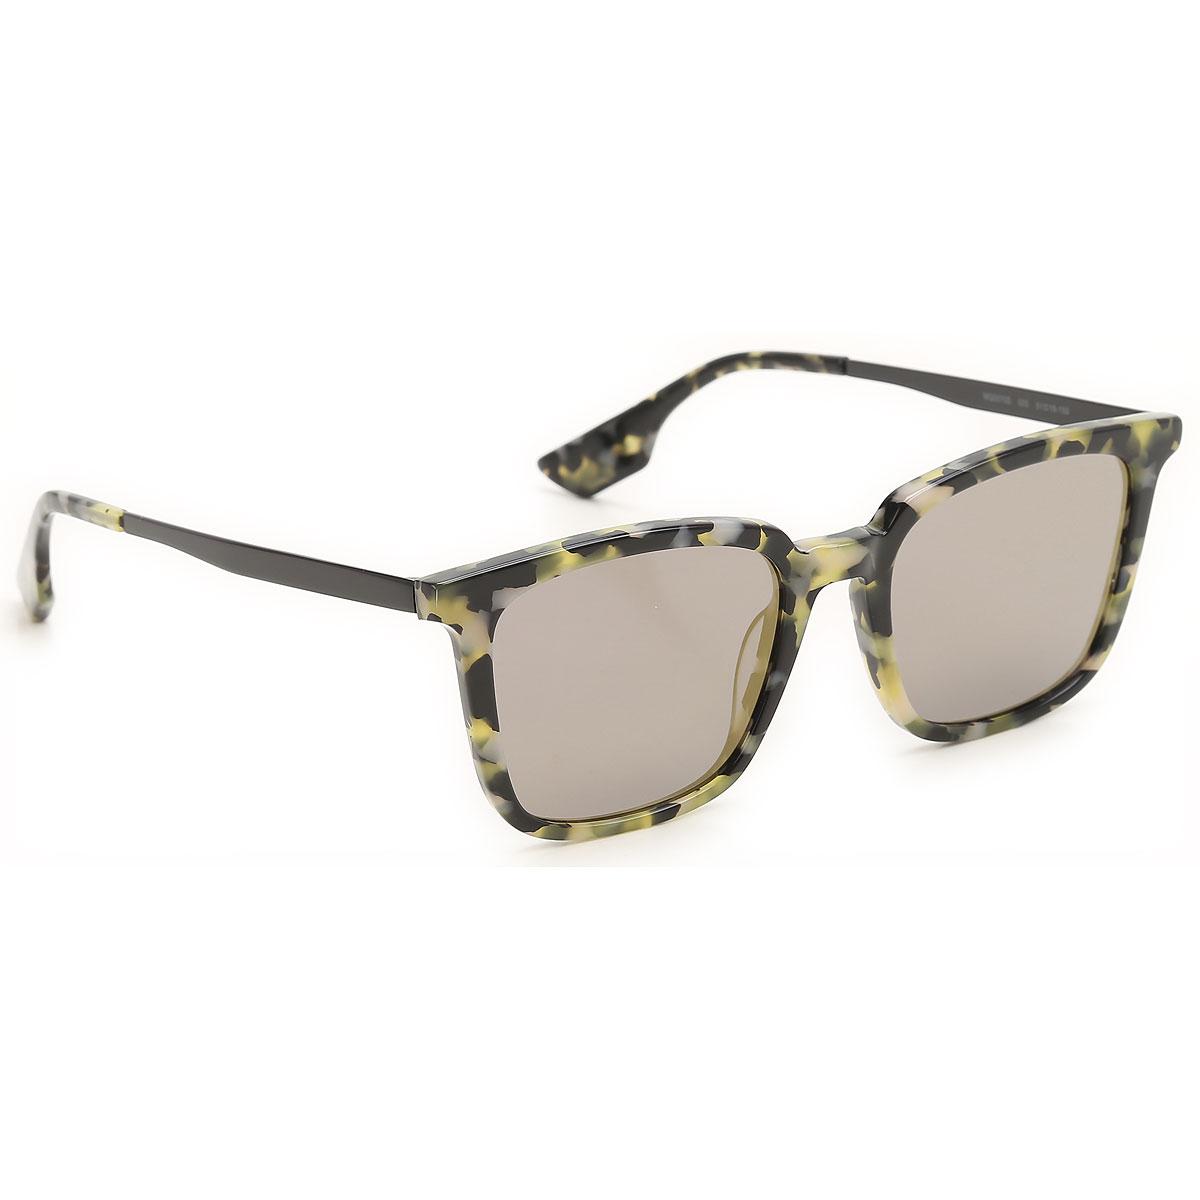 Alexander McQueen McQ Sunglasses On Sale, Green Havana, 2019